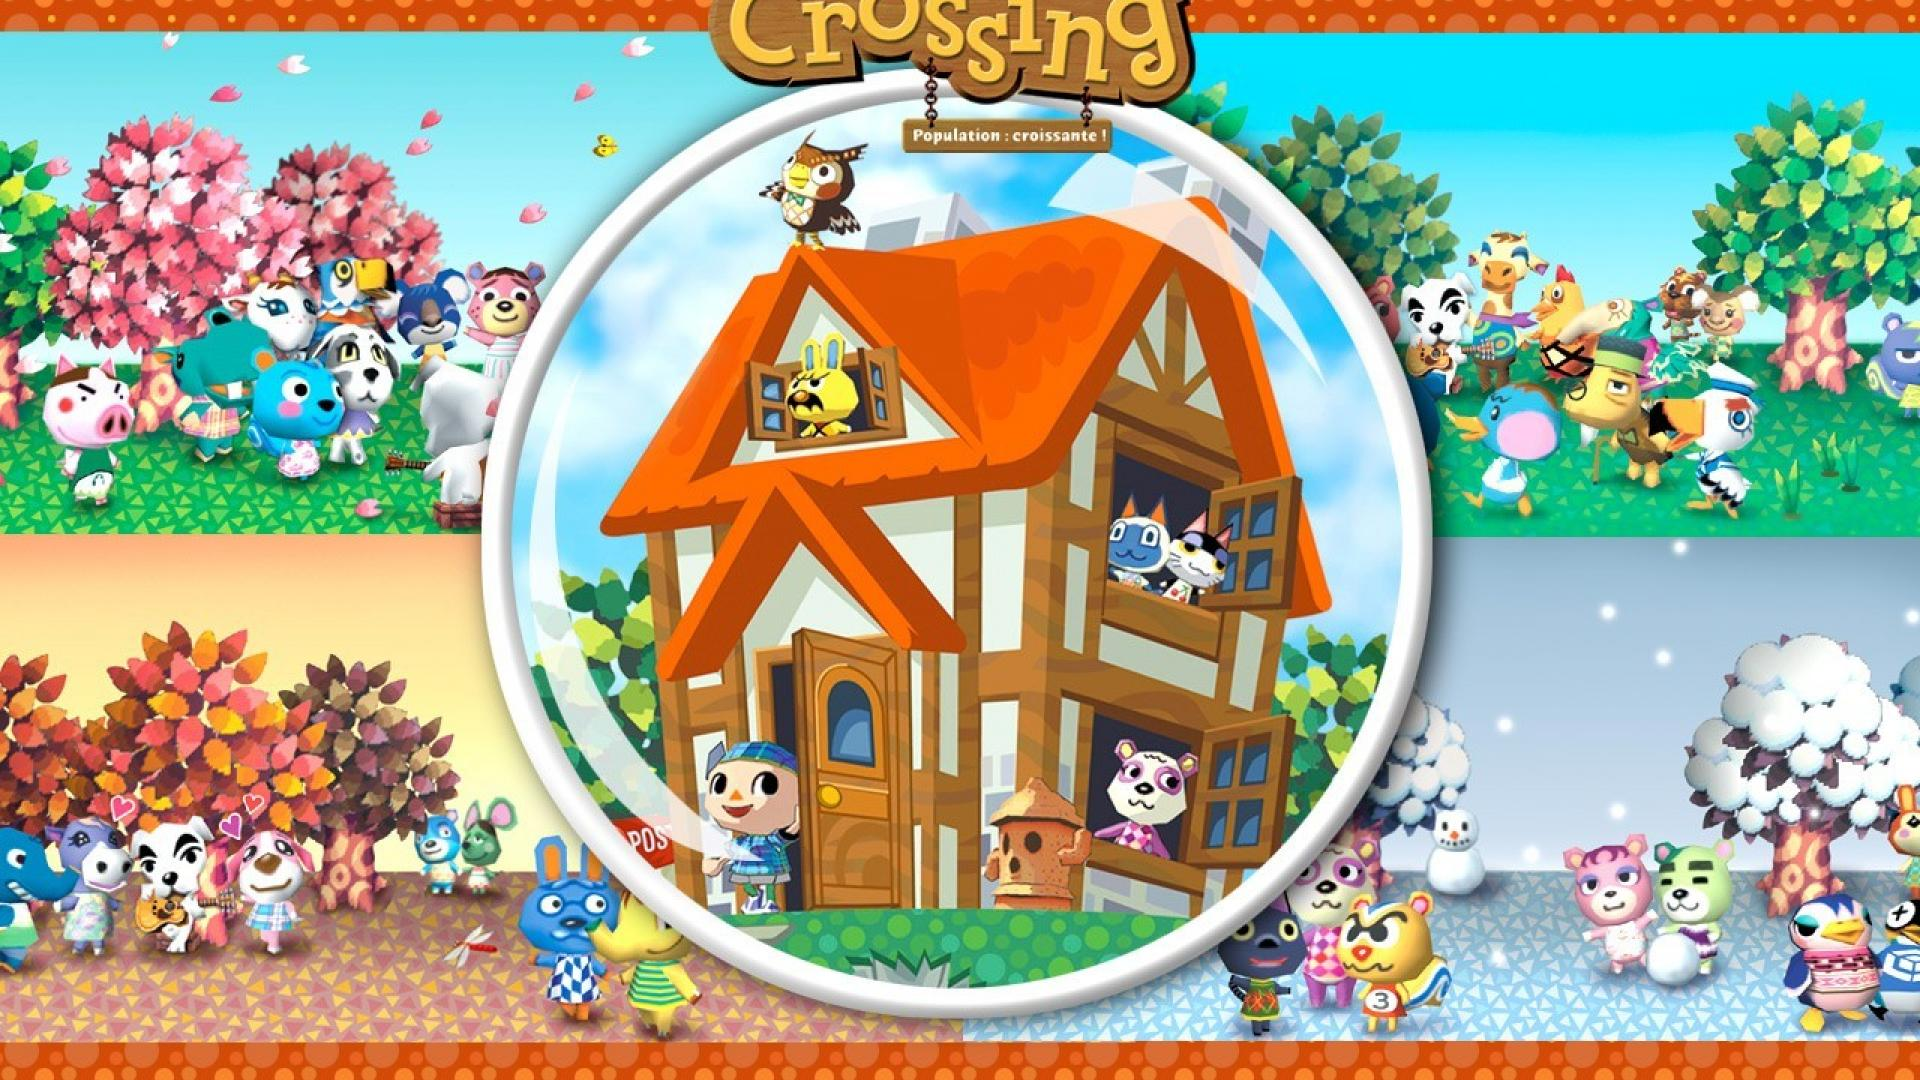 50 Animal Crossing Iphone Wallpaper On Wallpapersafari